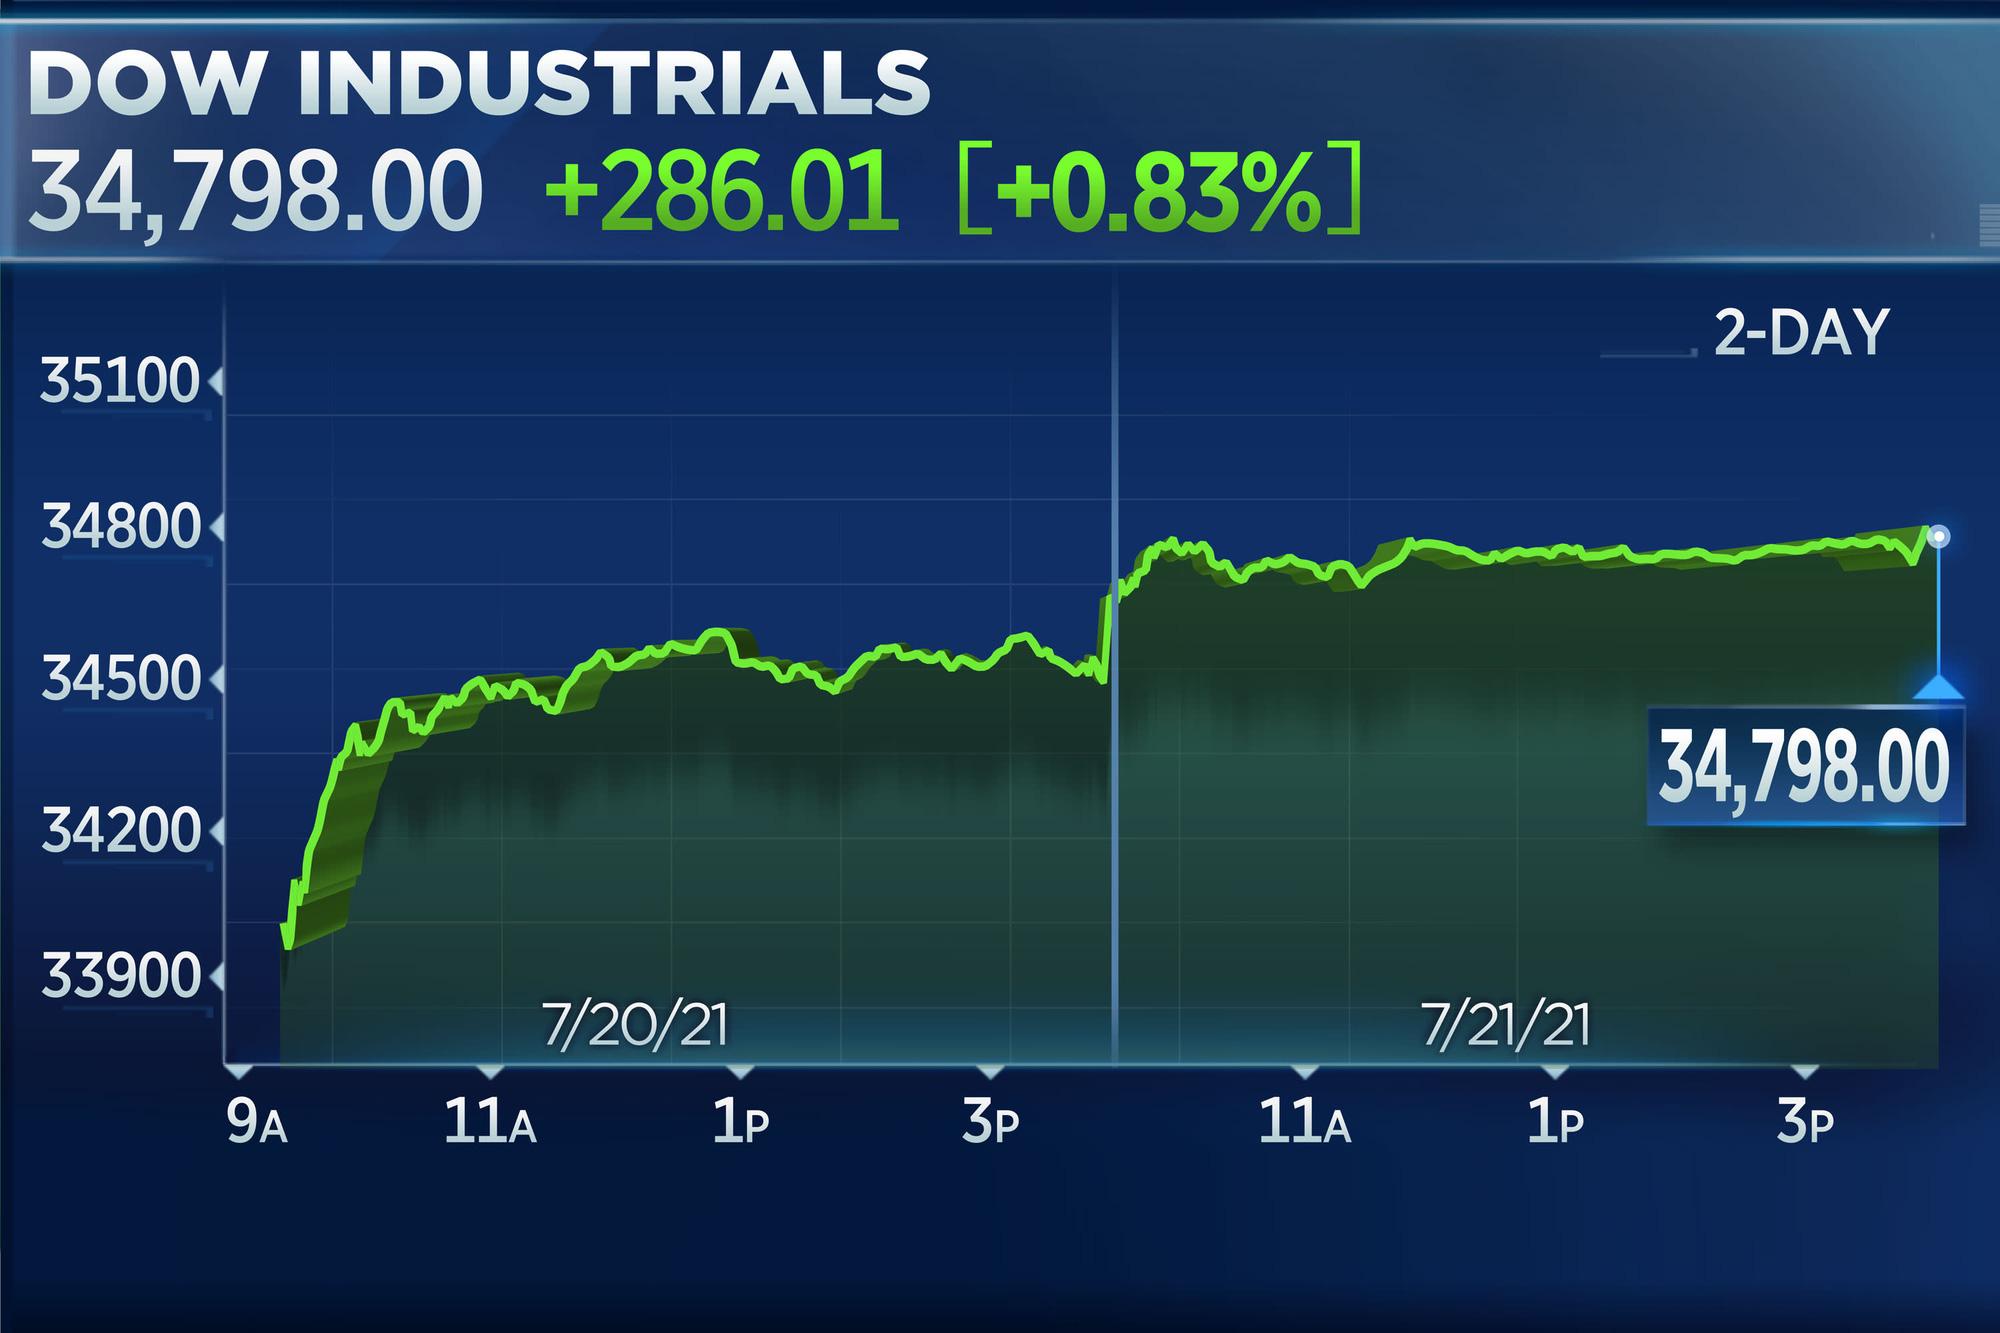 Chứng khoán Mỹ tiếp đà phục hồi, Dow Jones tăng gần 300 điểm - Ảnh 1.